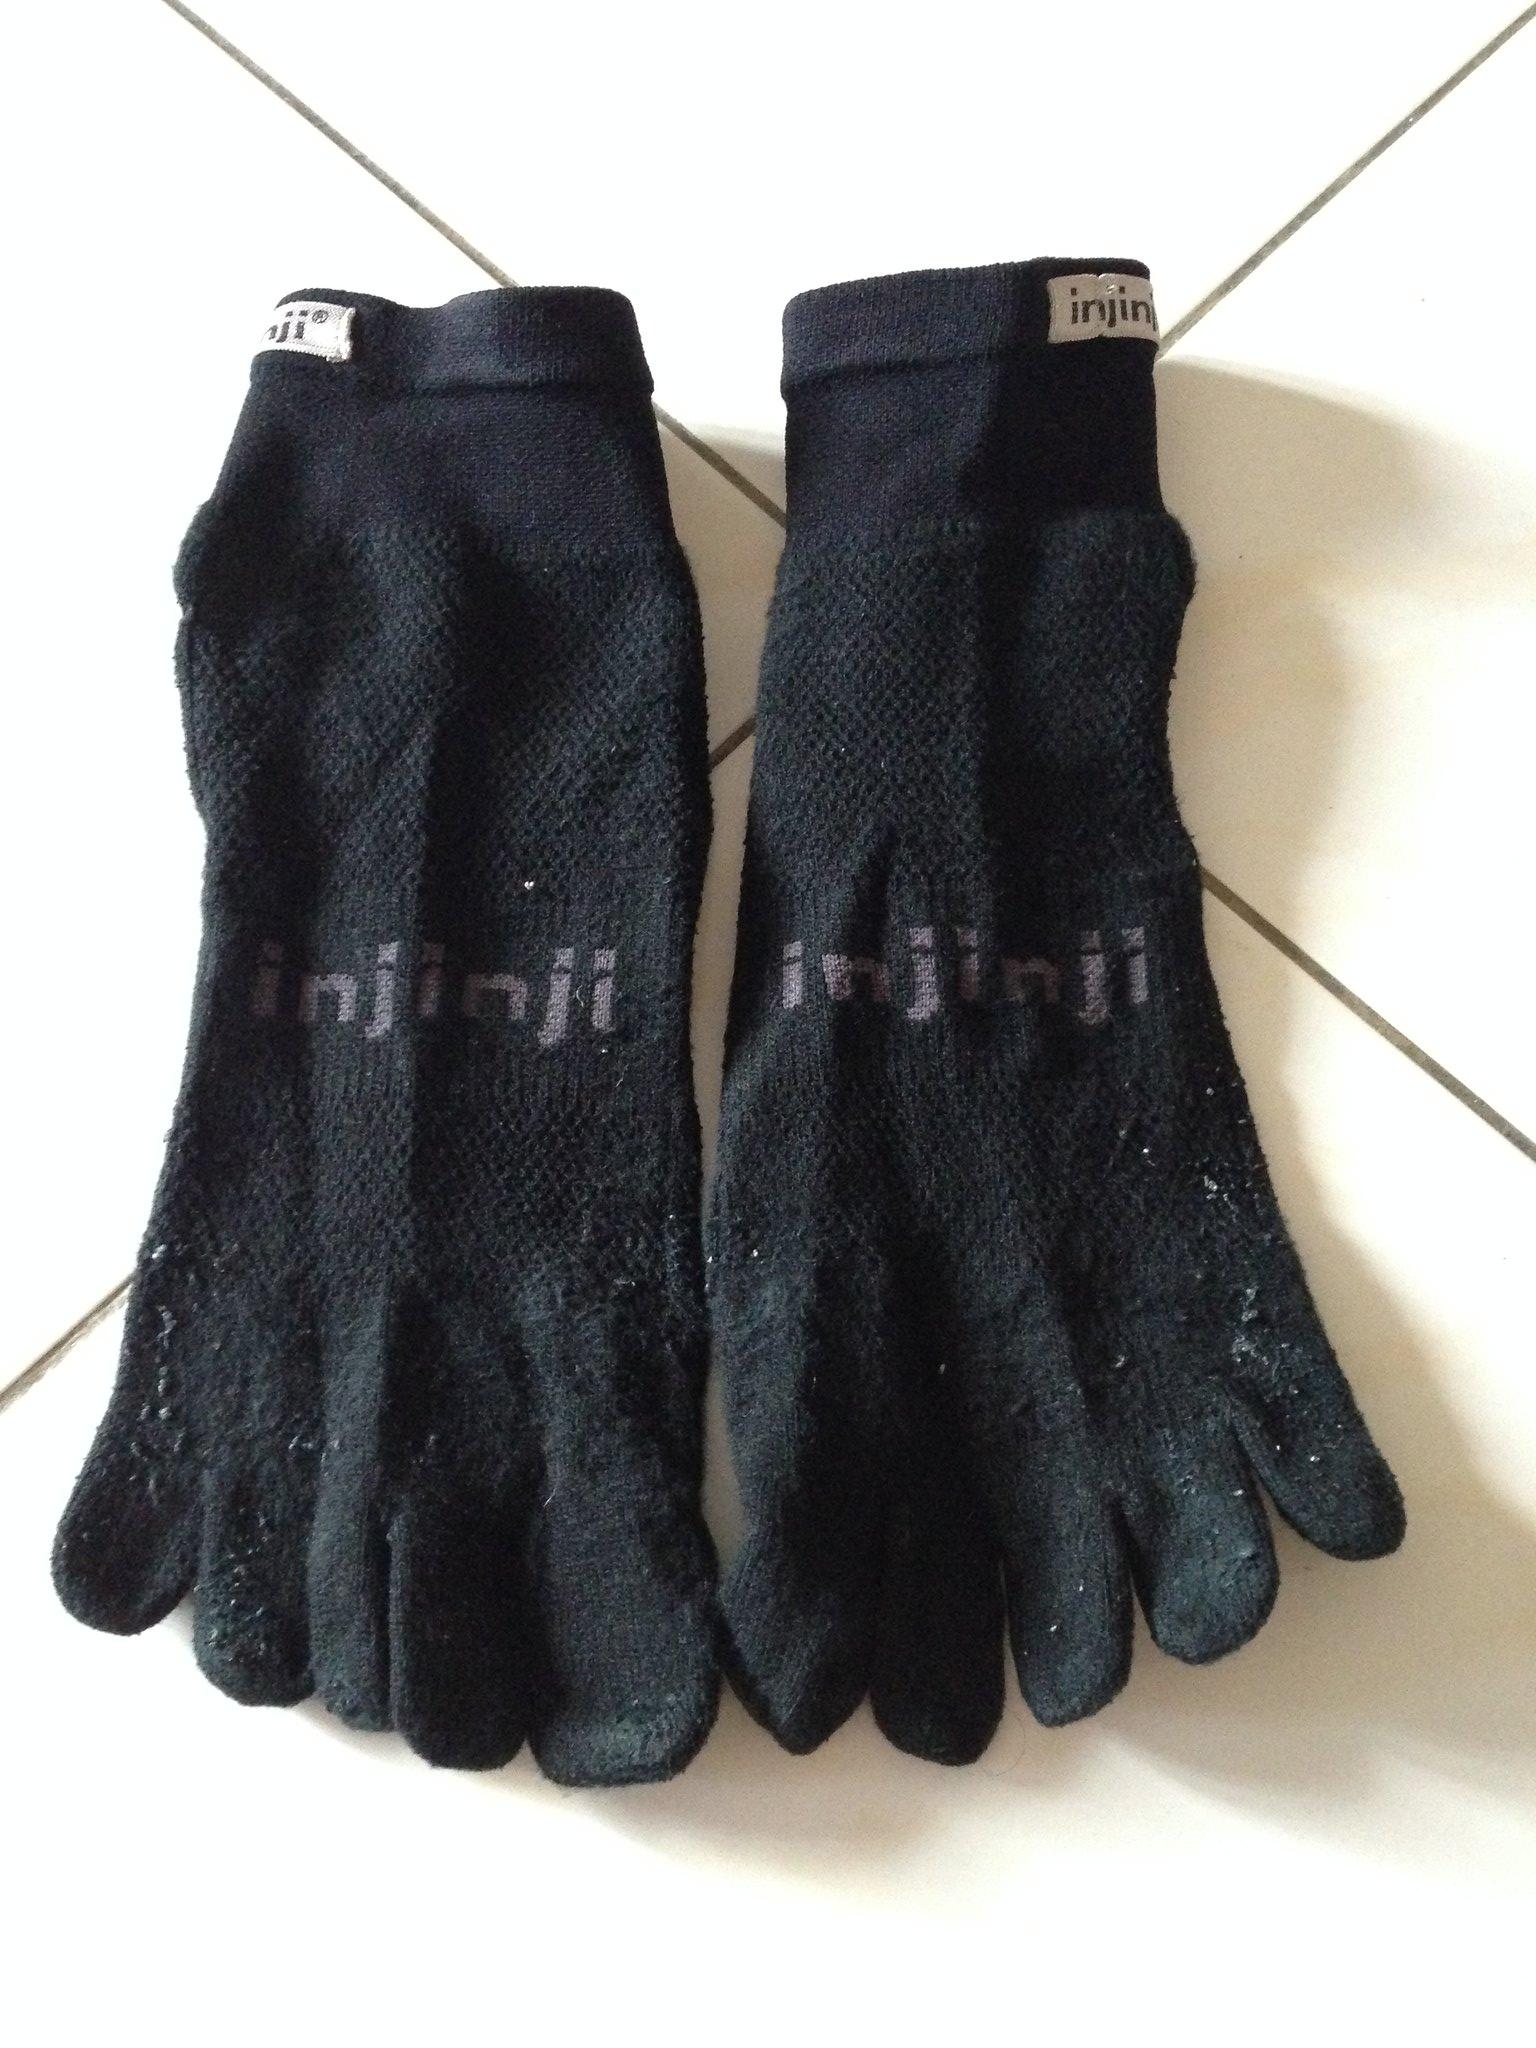 Running gears - Socks